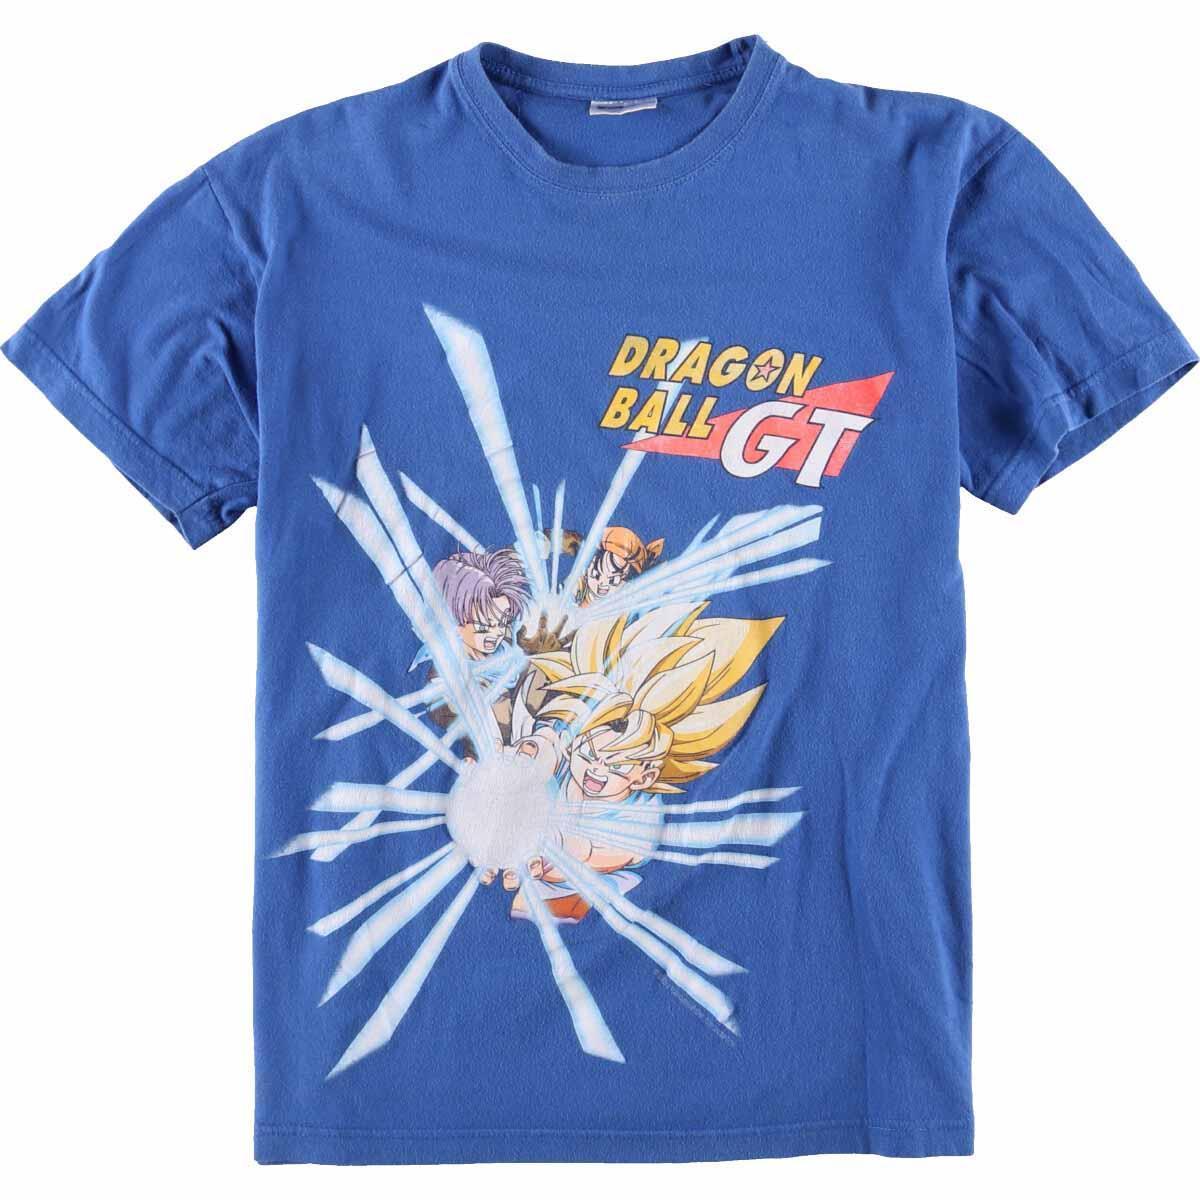 90年代 SOL'S DRAGONBALL GT ドラゴンボールGT キャラクタープリントTシャツ メンズM ヴィンテージ /eaa067207 【中古】 【200802】